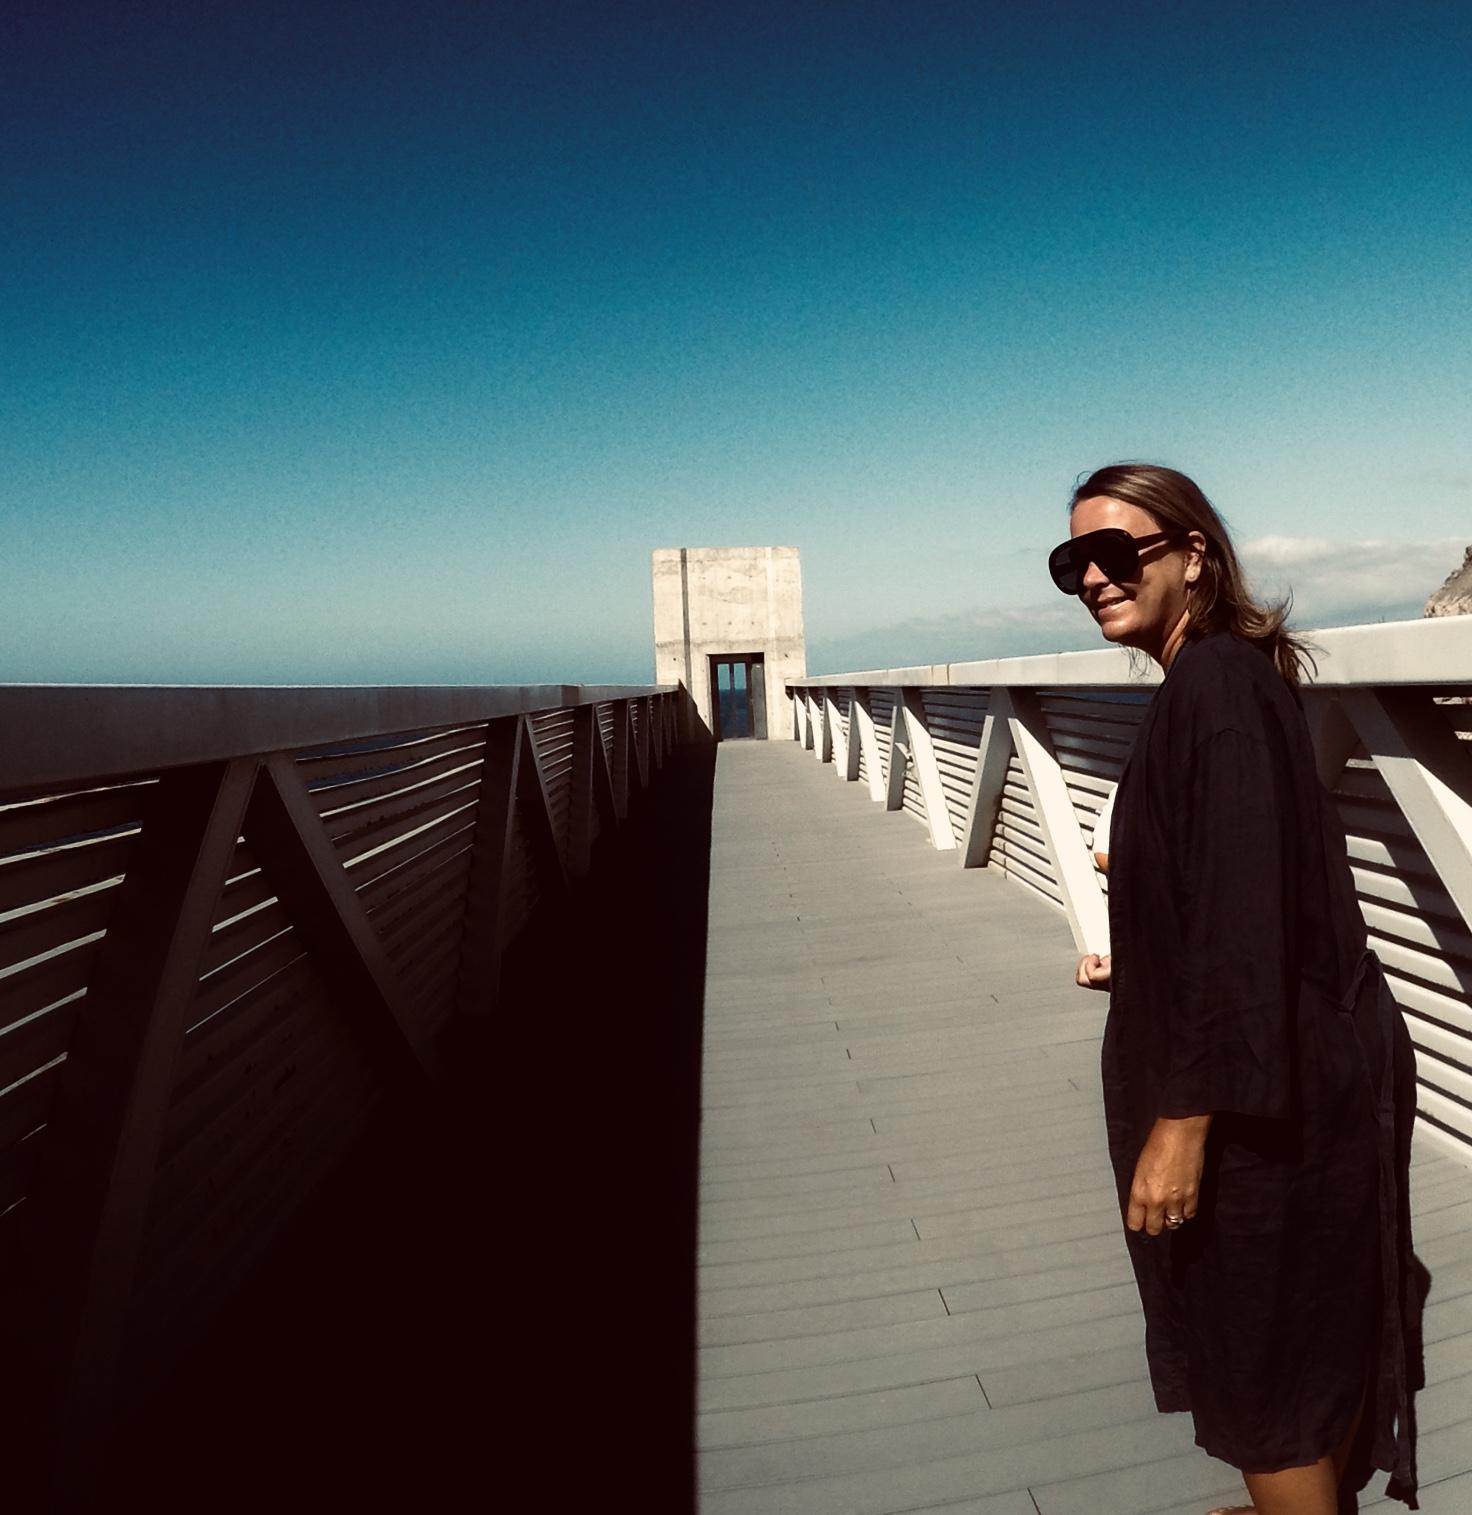 -  Det er bra du har dykkermaske på, for nå skal du bade , kommenterer kjæreste-mannen min. Han er ironisk til solbrillene mine og synes ikke de er fine. Jeg derimot synes de er ultra-lekre! Jeg på broa over til heisen, som tar oss ned til stranda. FOTO: Pelle Knudsen.